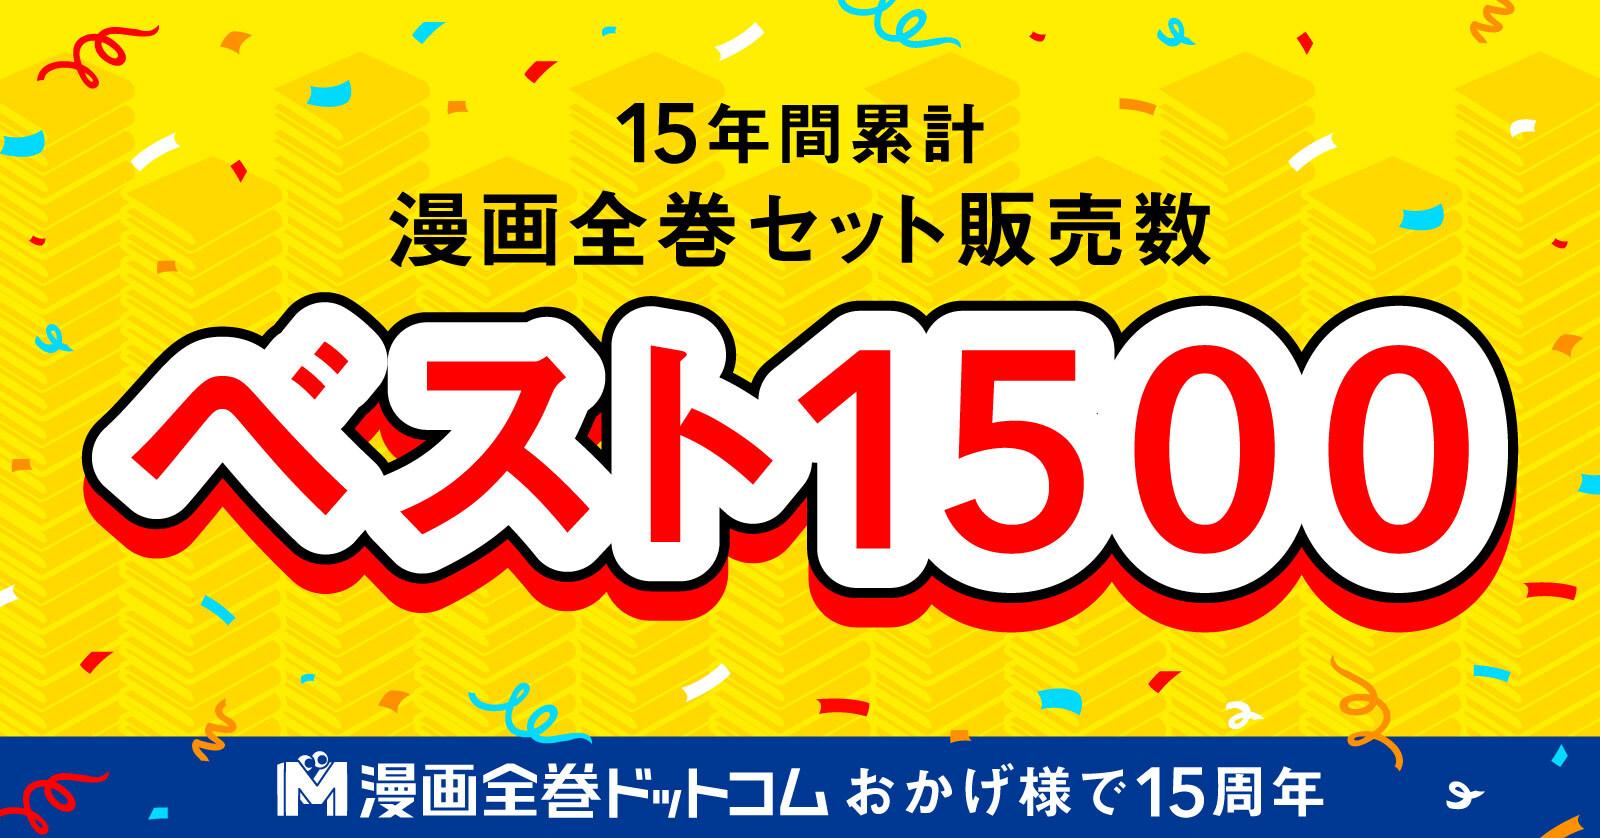 漫画全巻ドットコム 15 年間累計販売セット数ベスト 1500